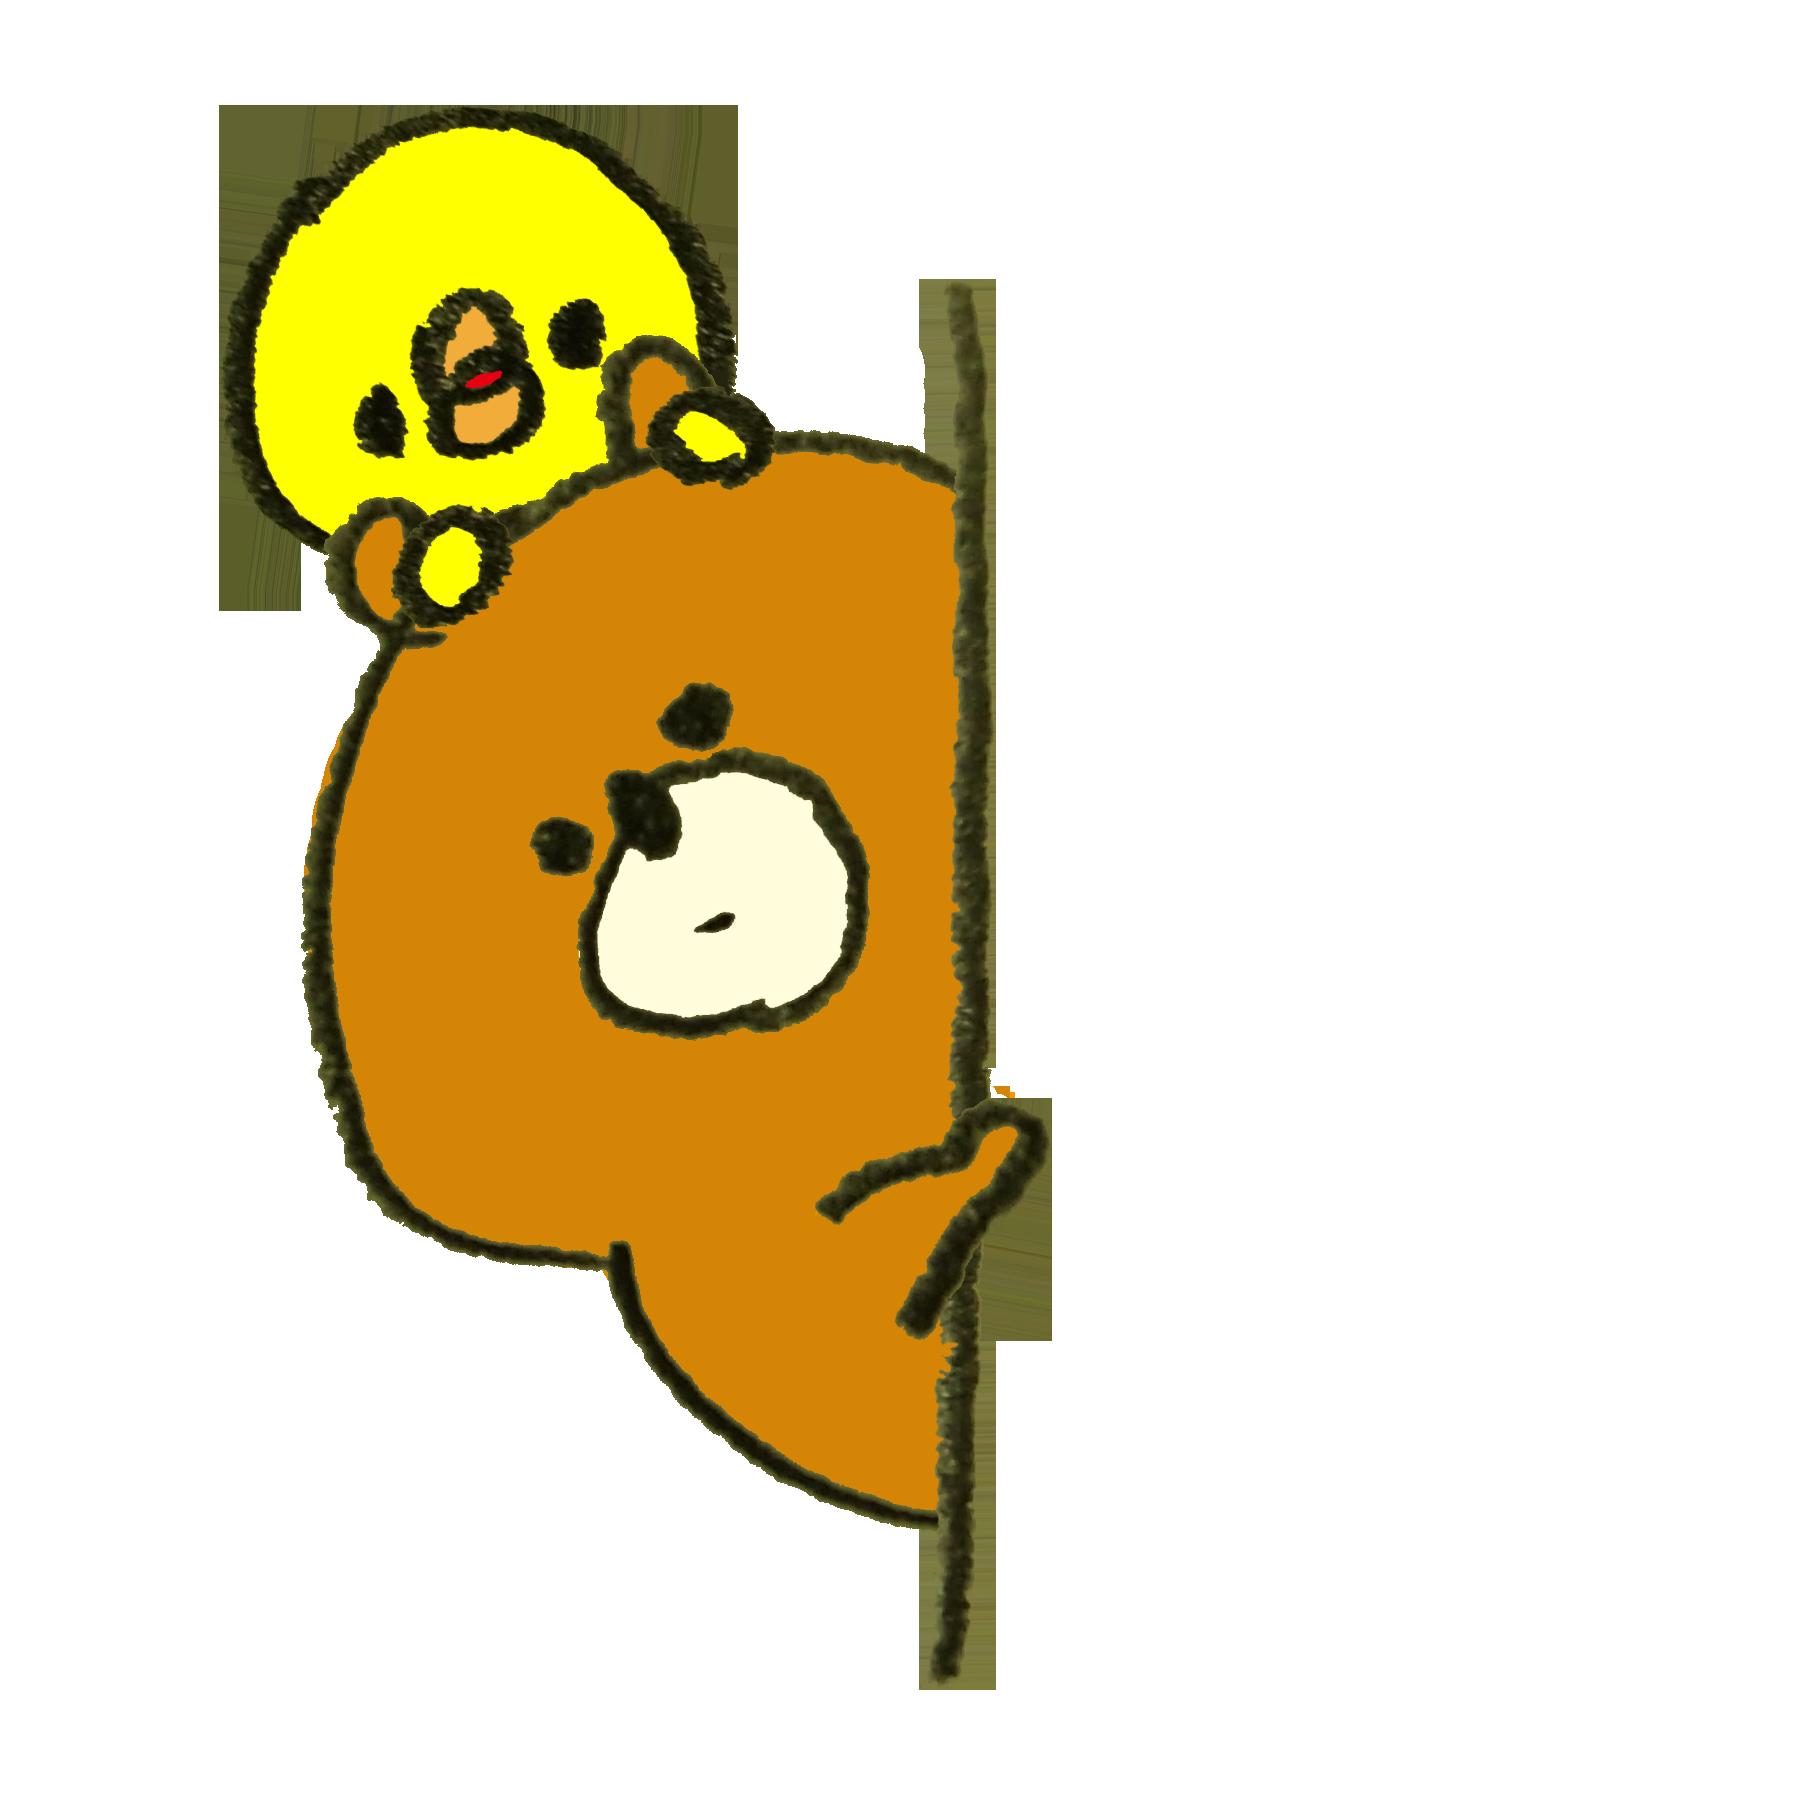 壁から心配そうにのぞいている熊のイラスト | ゆるくてかわいい無料